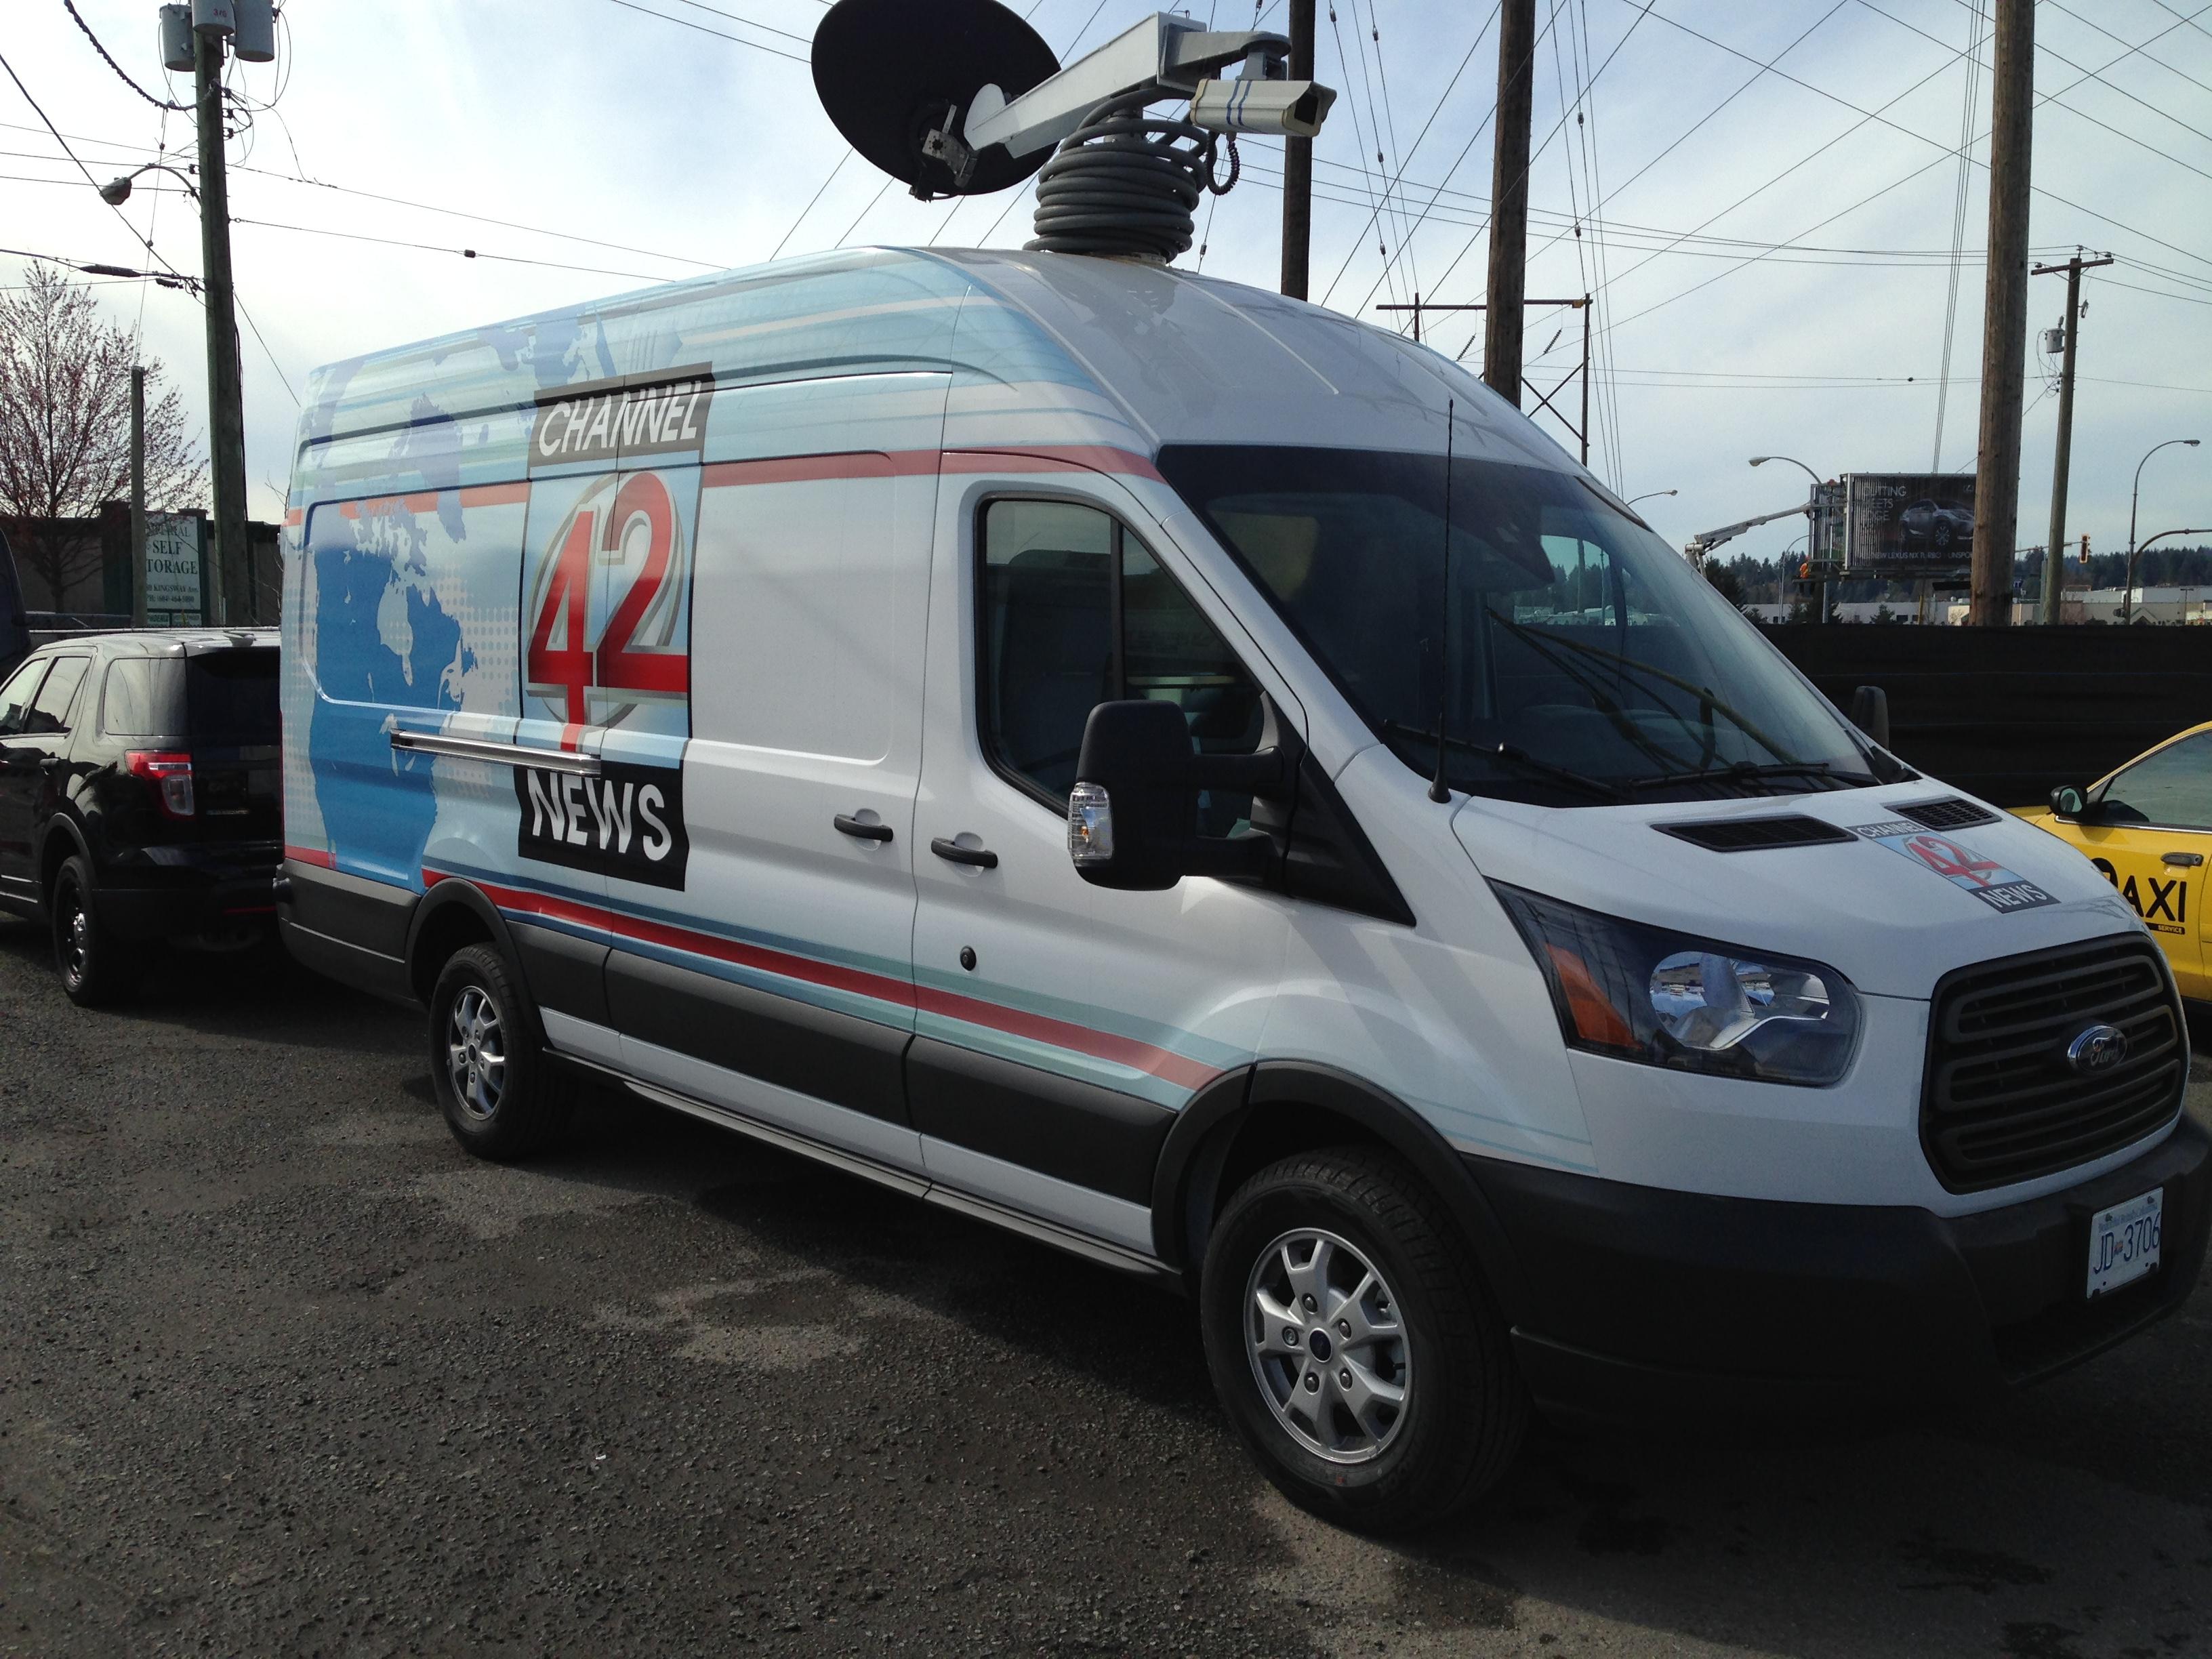 Transit News Van